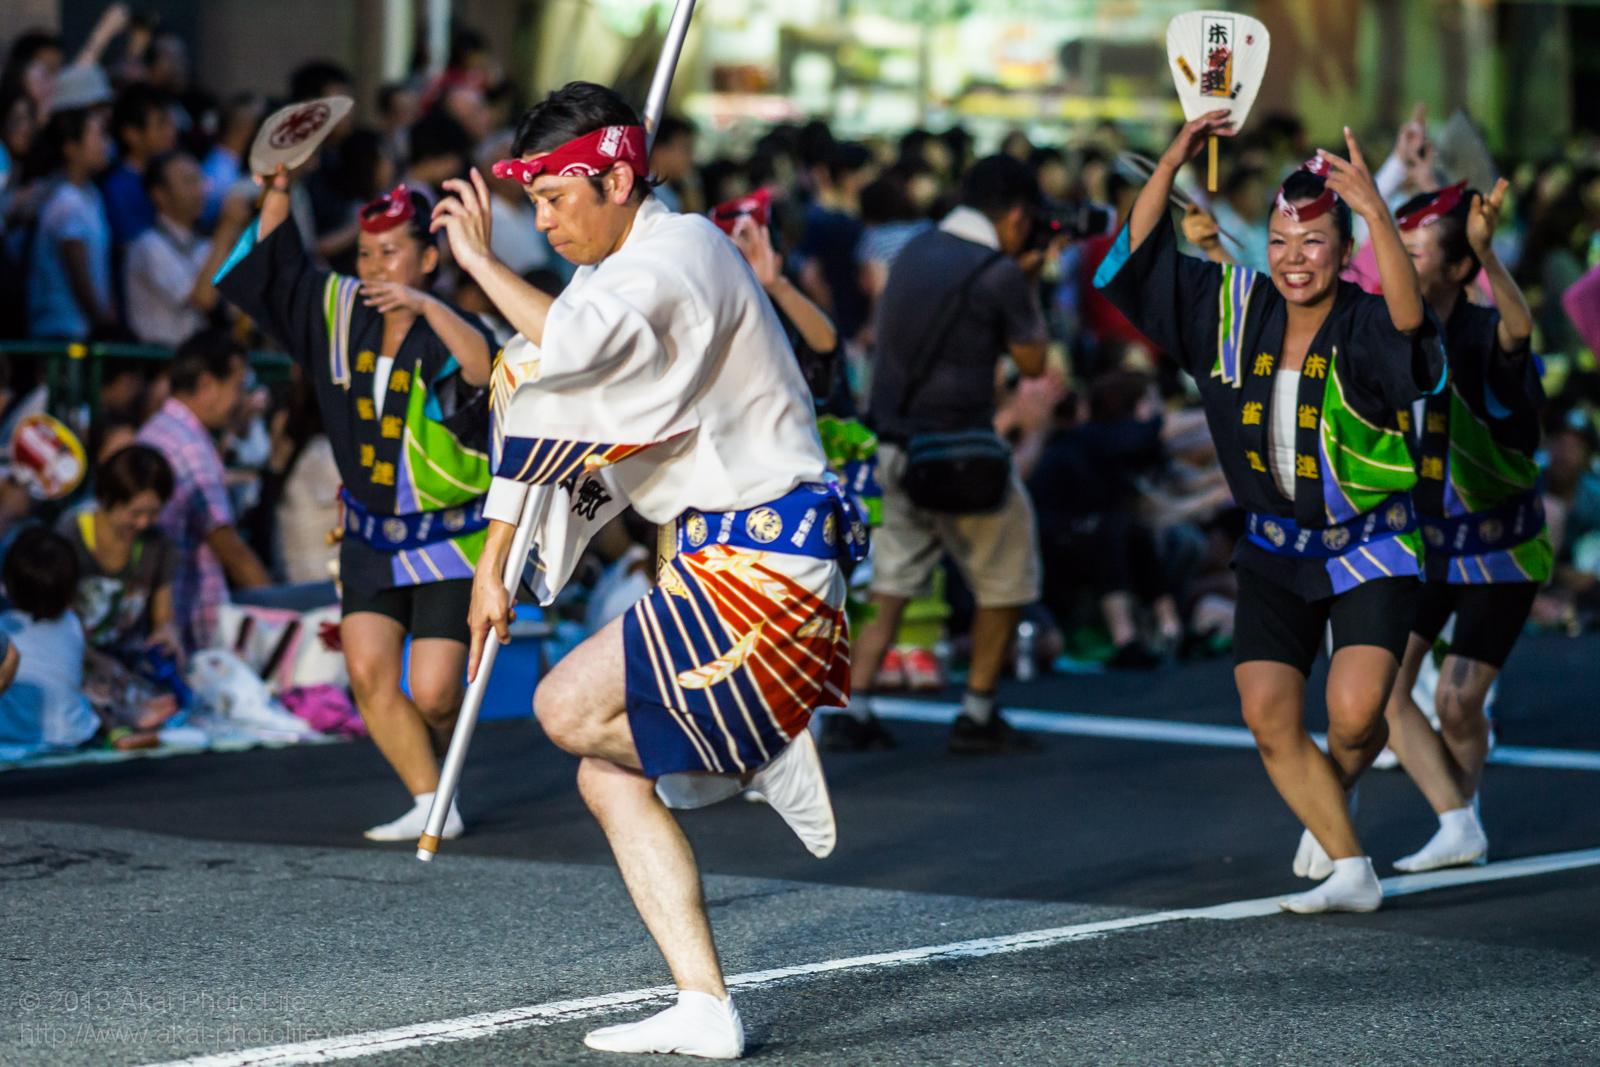 高円寺阿波踊り 朱雀連の高張提灯の持ち手と女性の男踊り